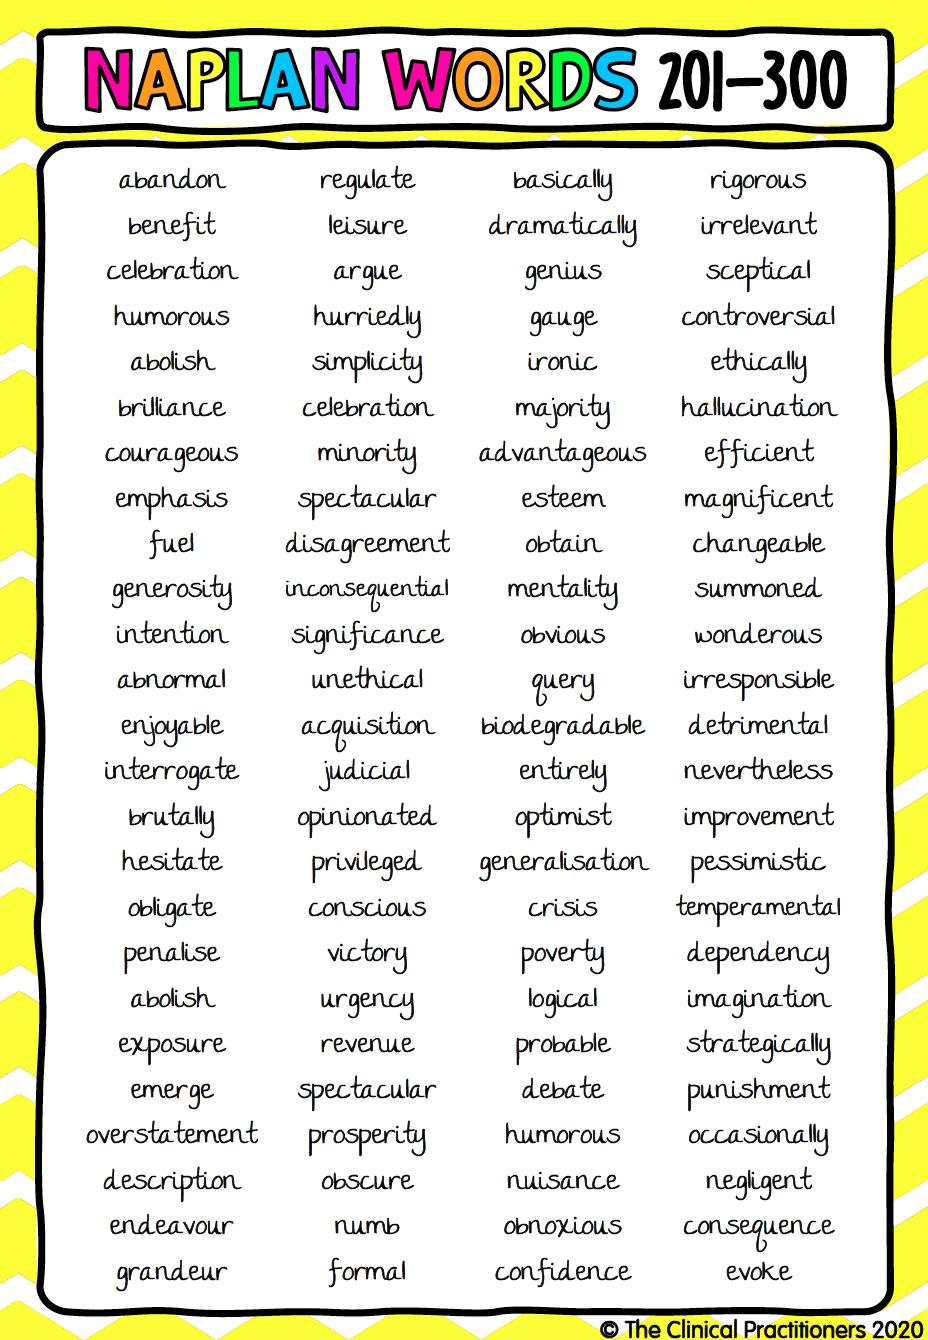 Naplan Word Poster 201 300 Spelling Words Word Poster Words [ 1340 x 928 Pixel ]